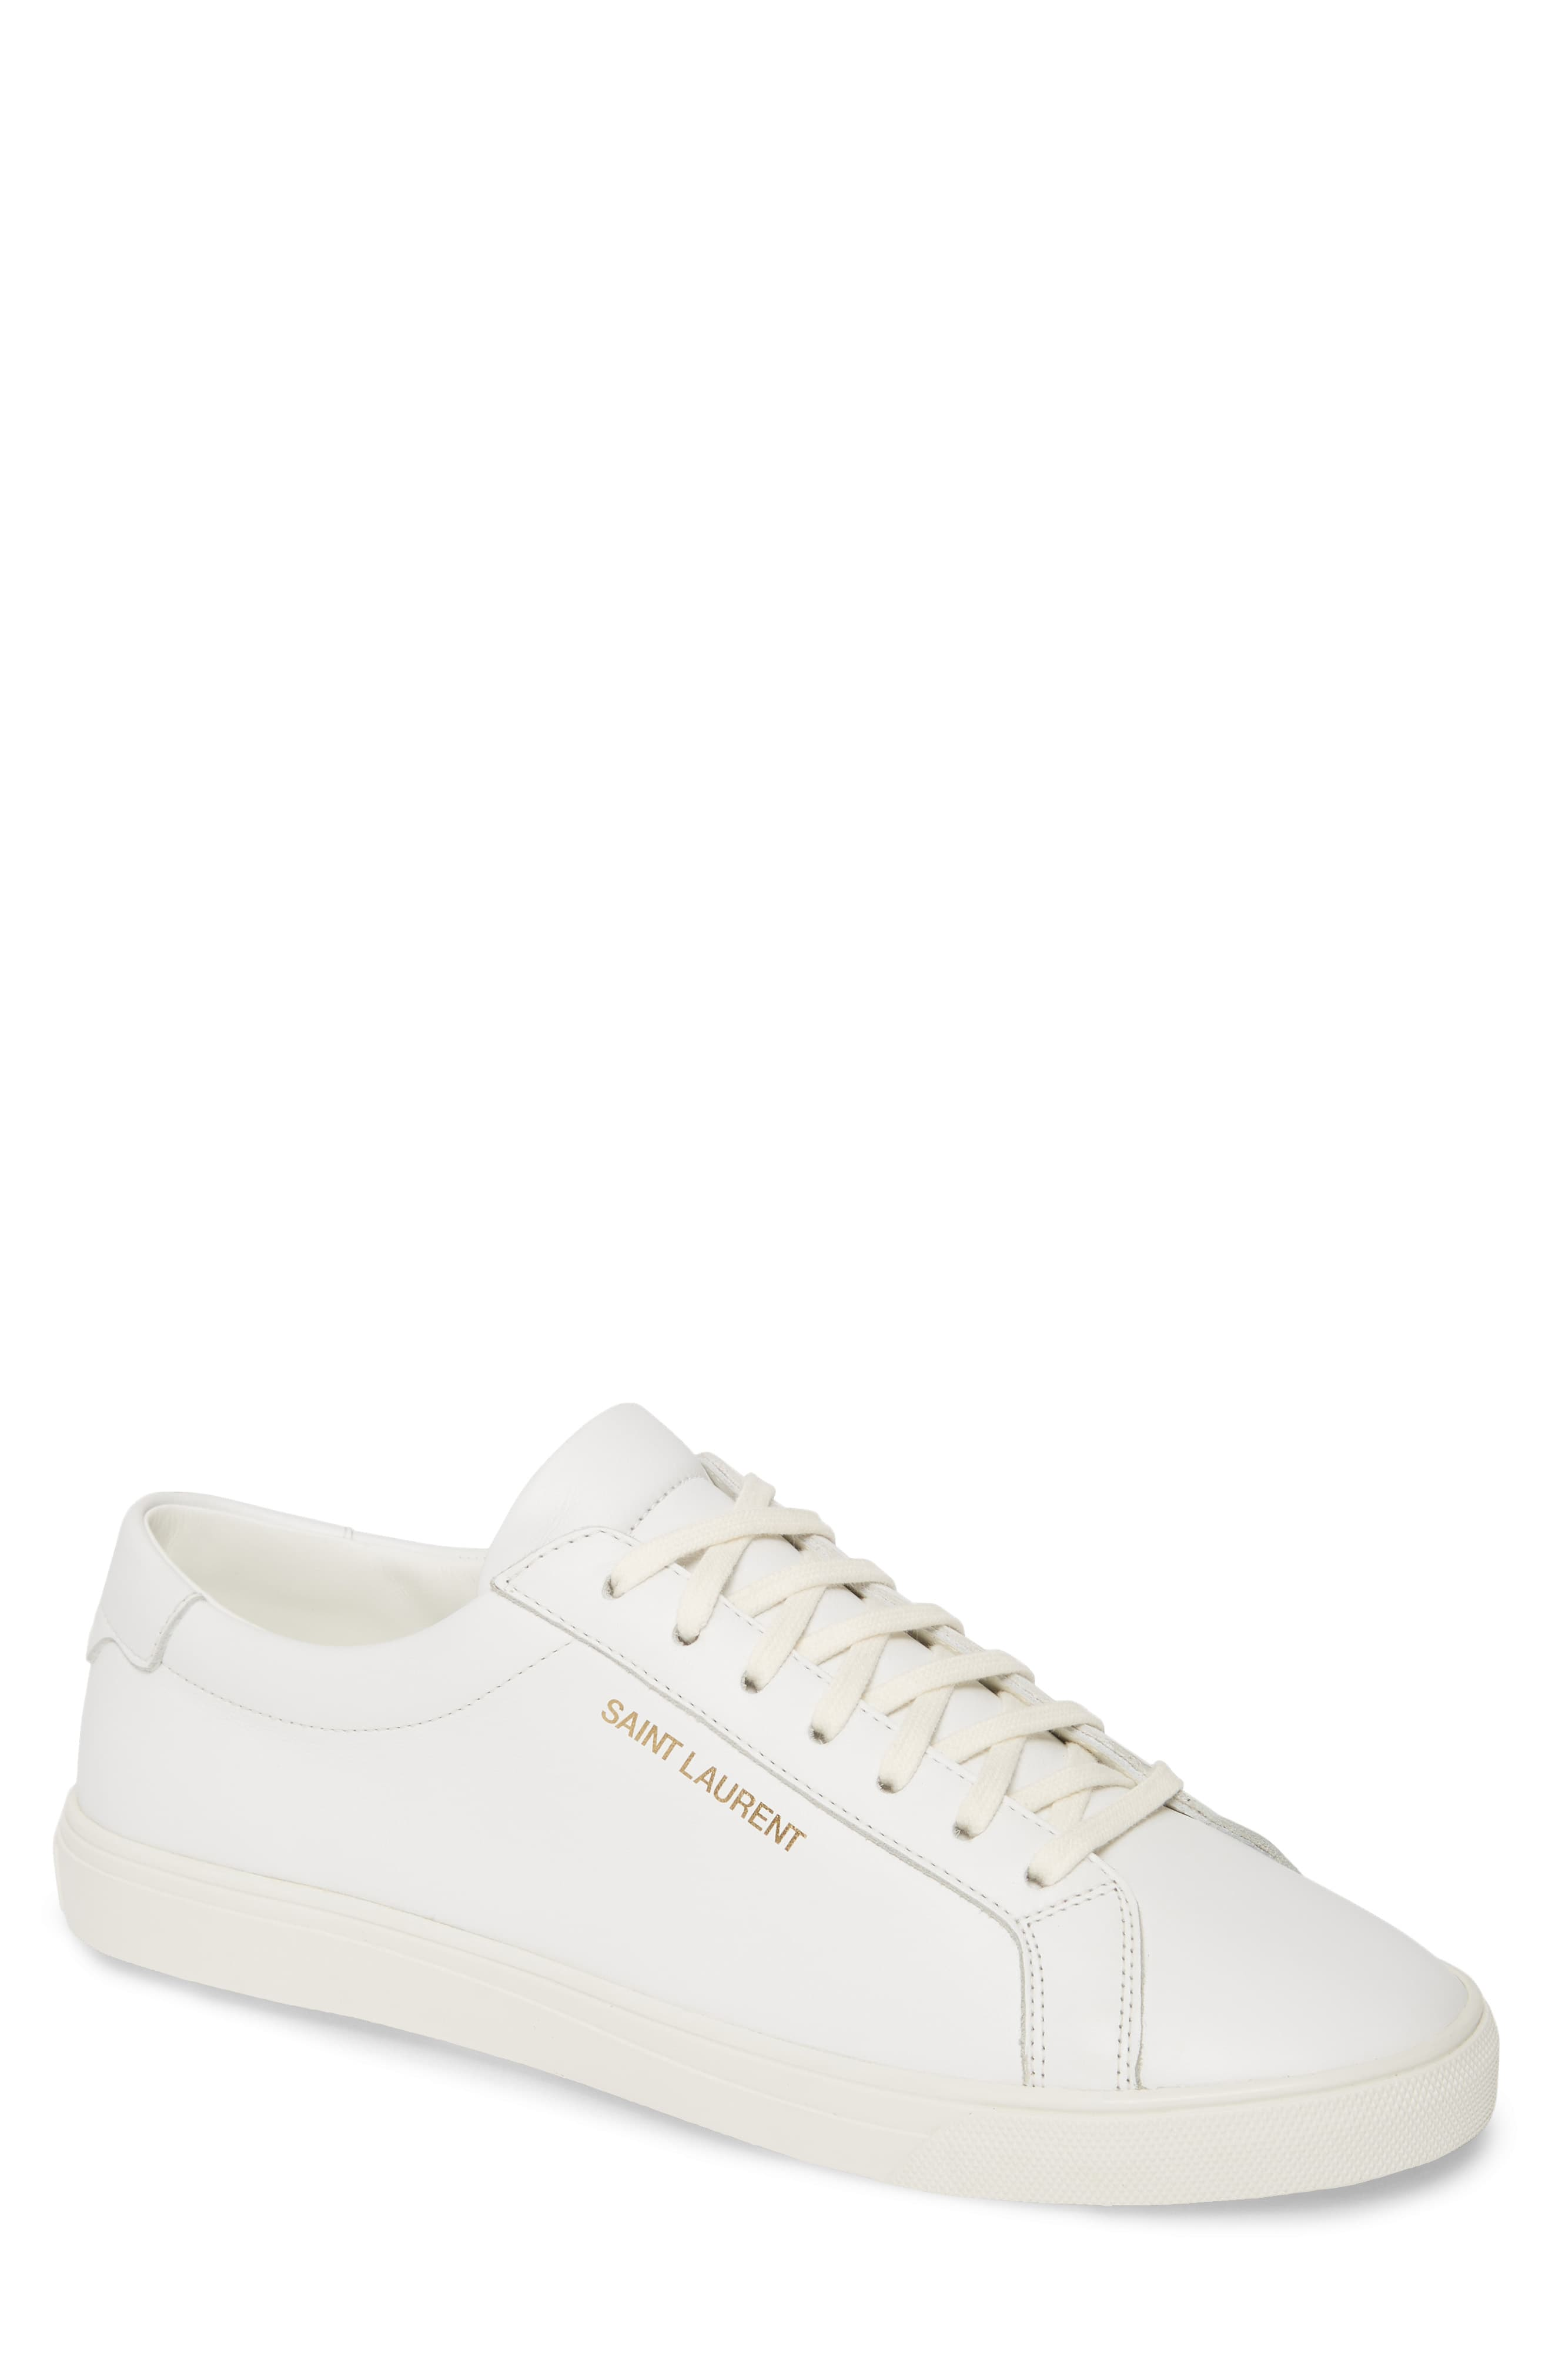 Saint Laurent Andy Low Top Sneaker